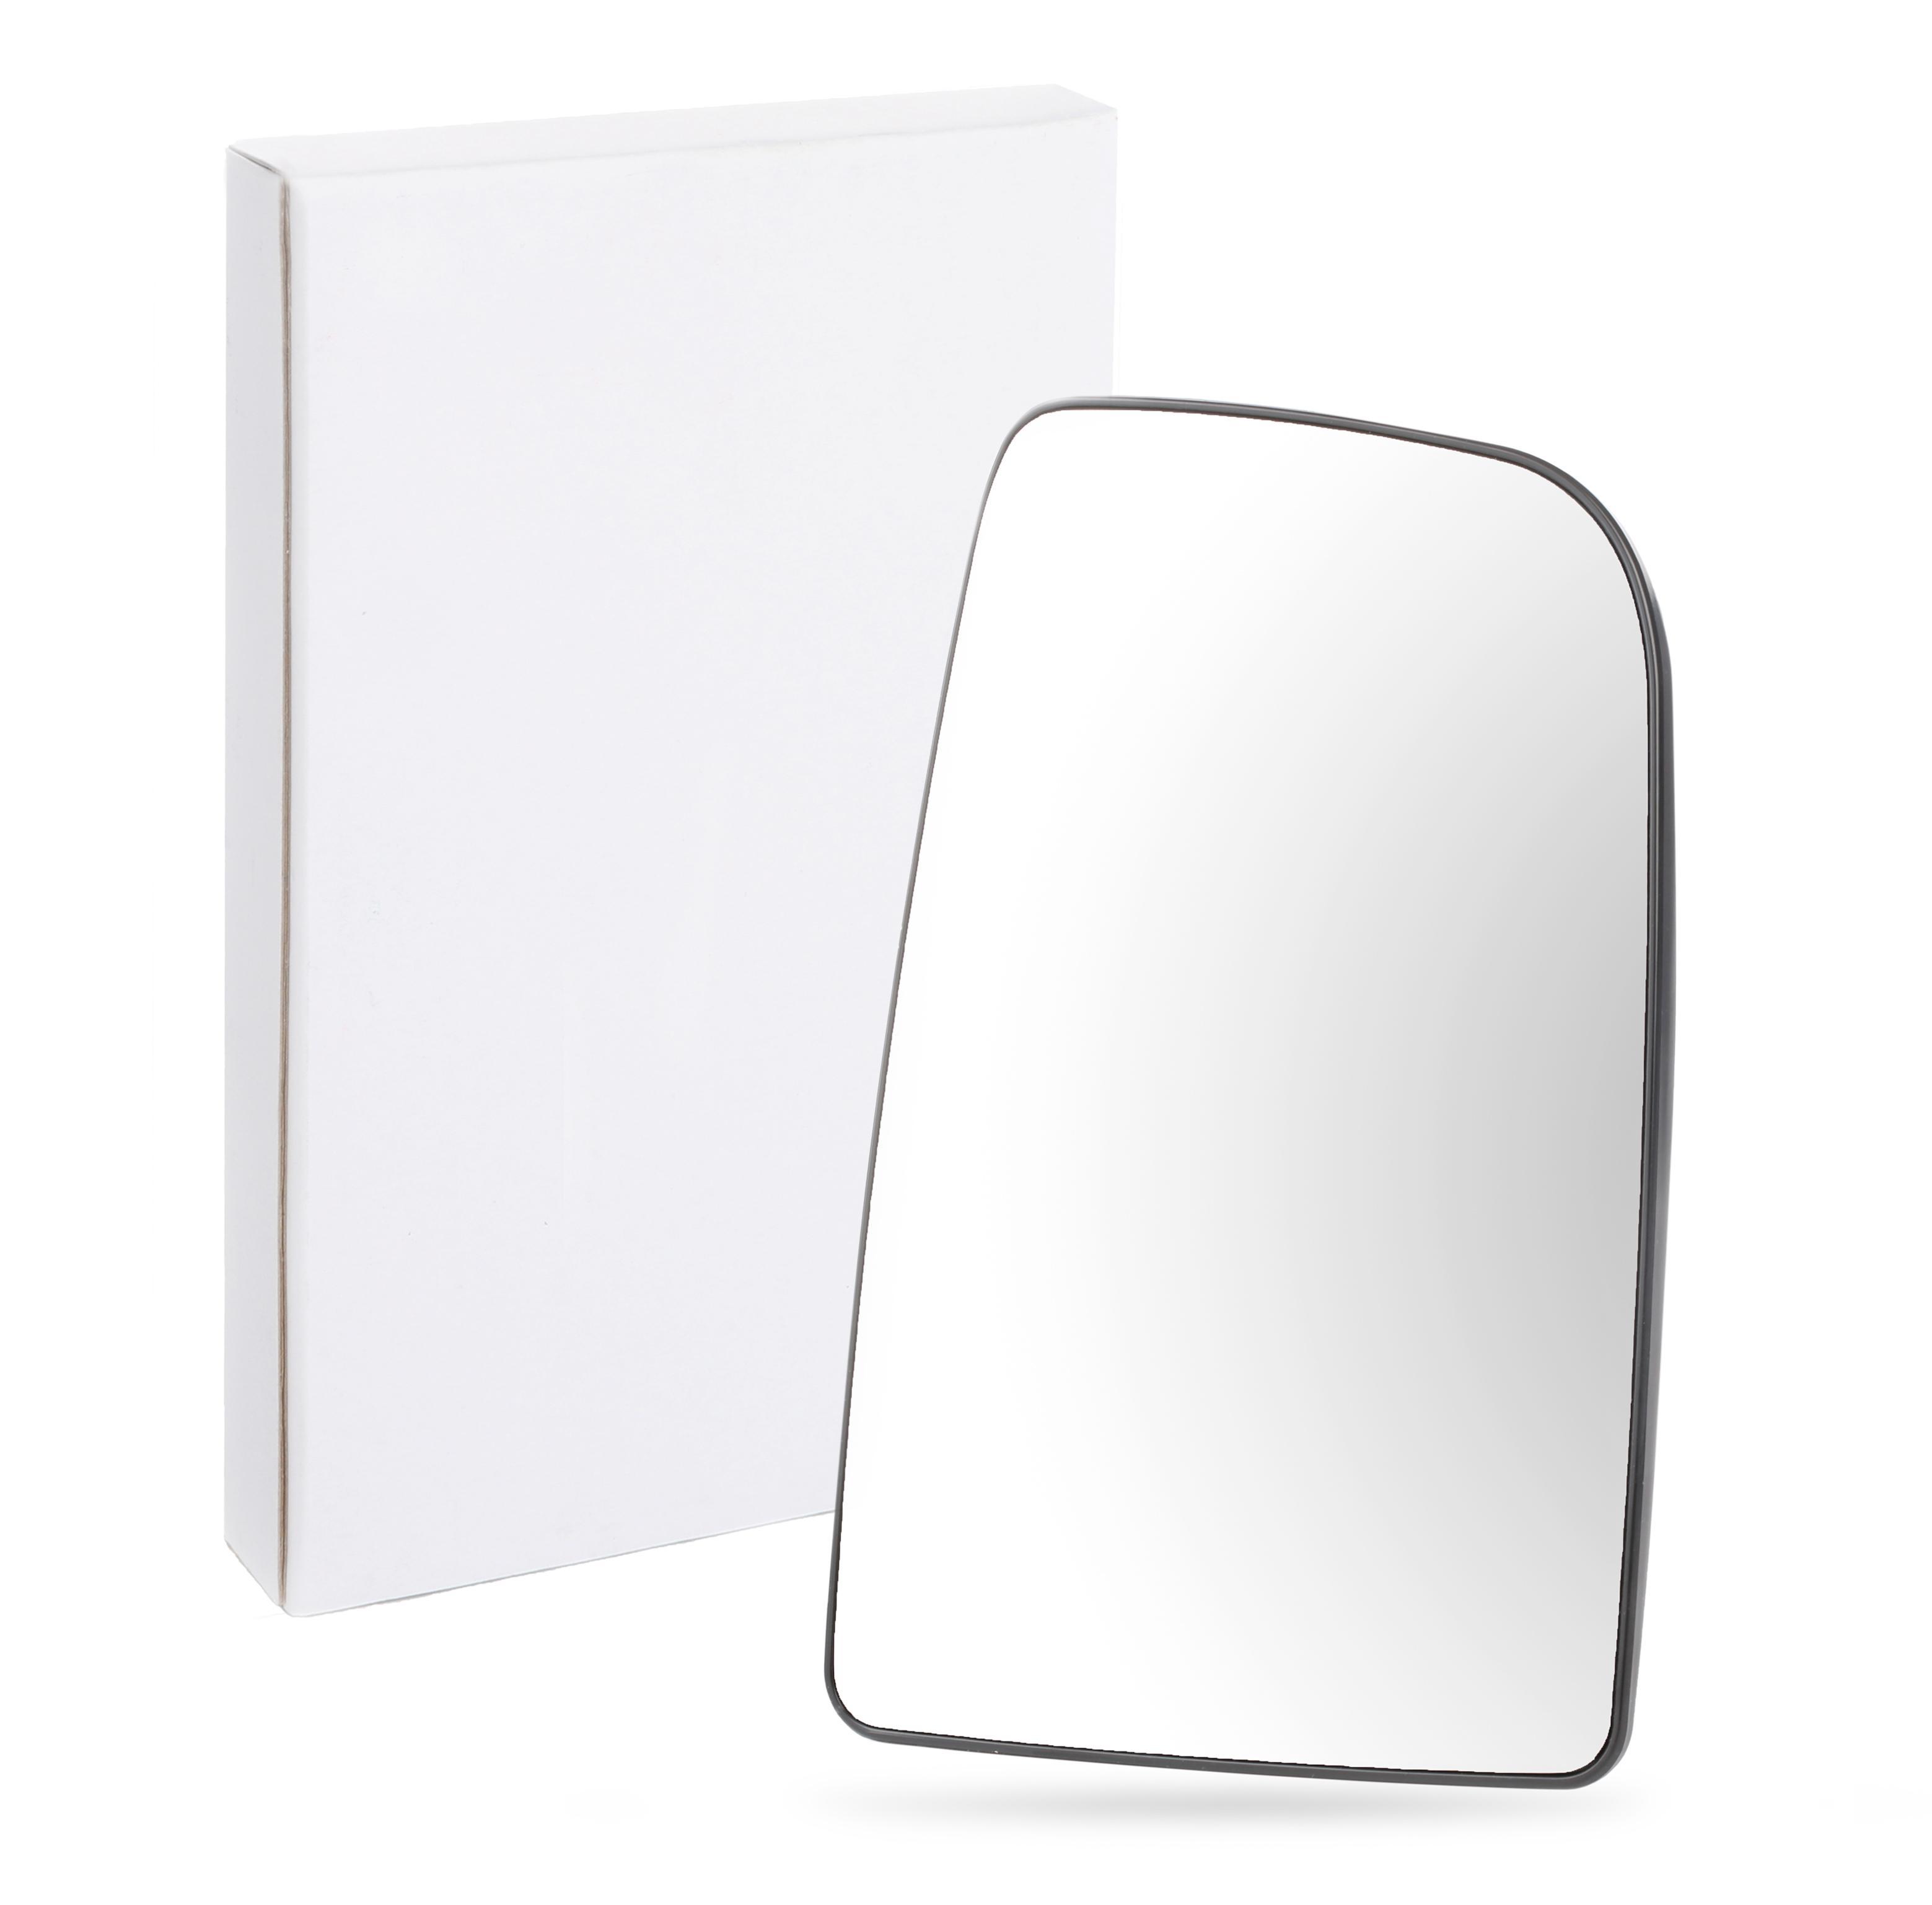 Vetro specchietto 50 64 38-83 JOHNS — Solo ricambi nuovi